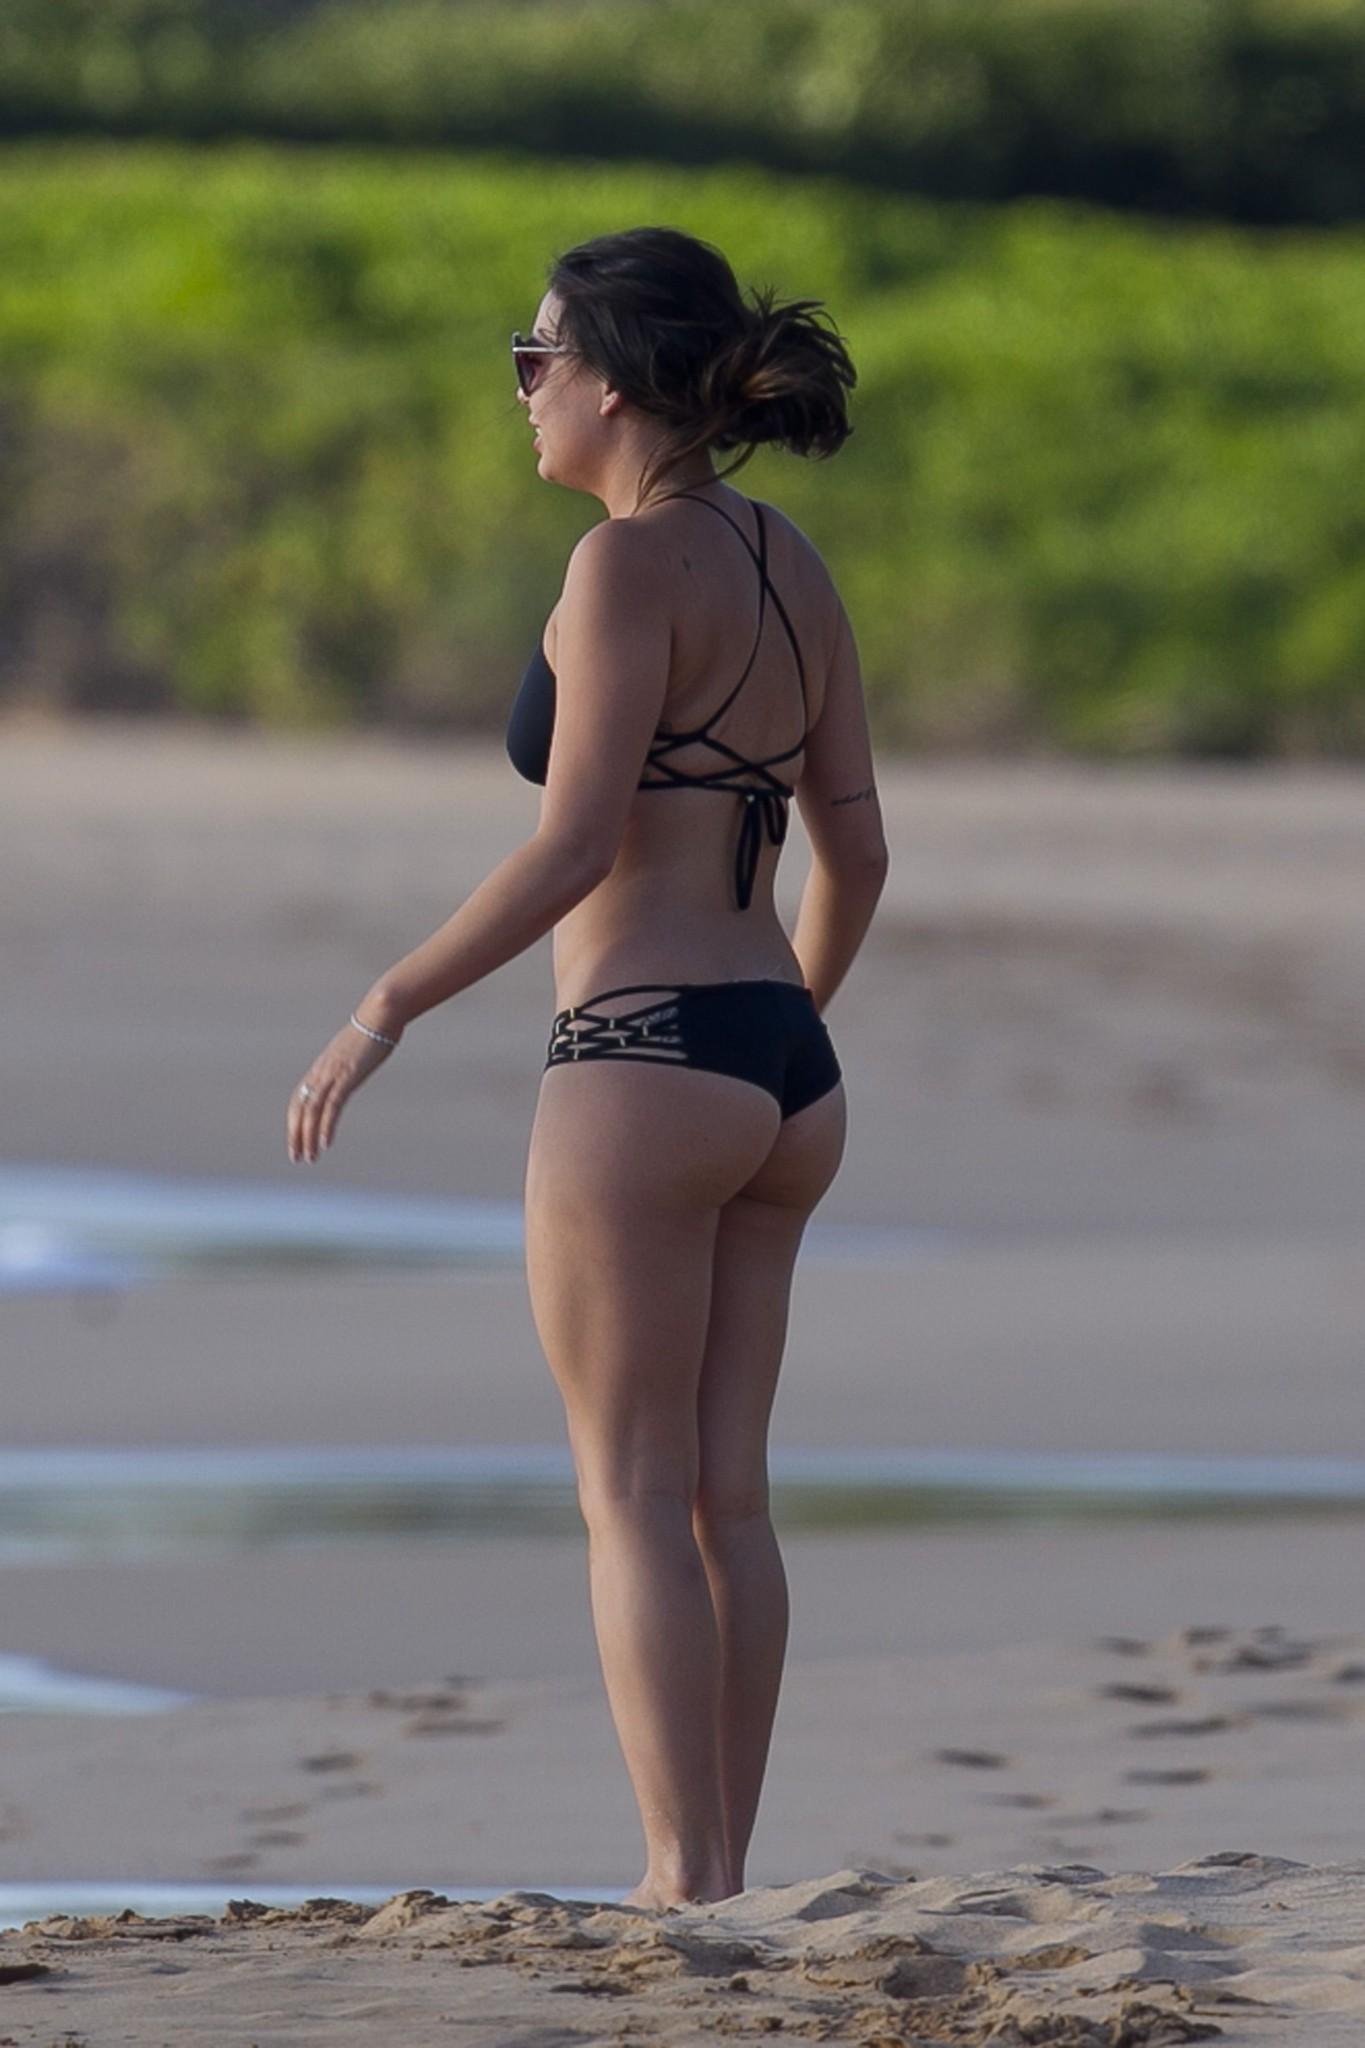 janel-parrish-wearing-a-bikini-on-the-beach-in-hawaii-16